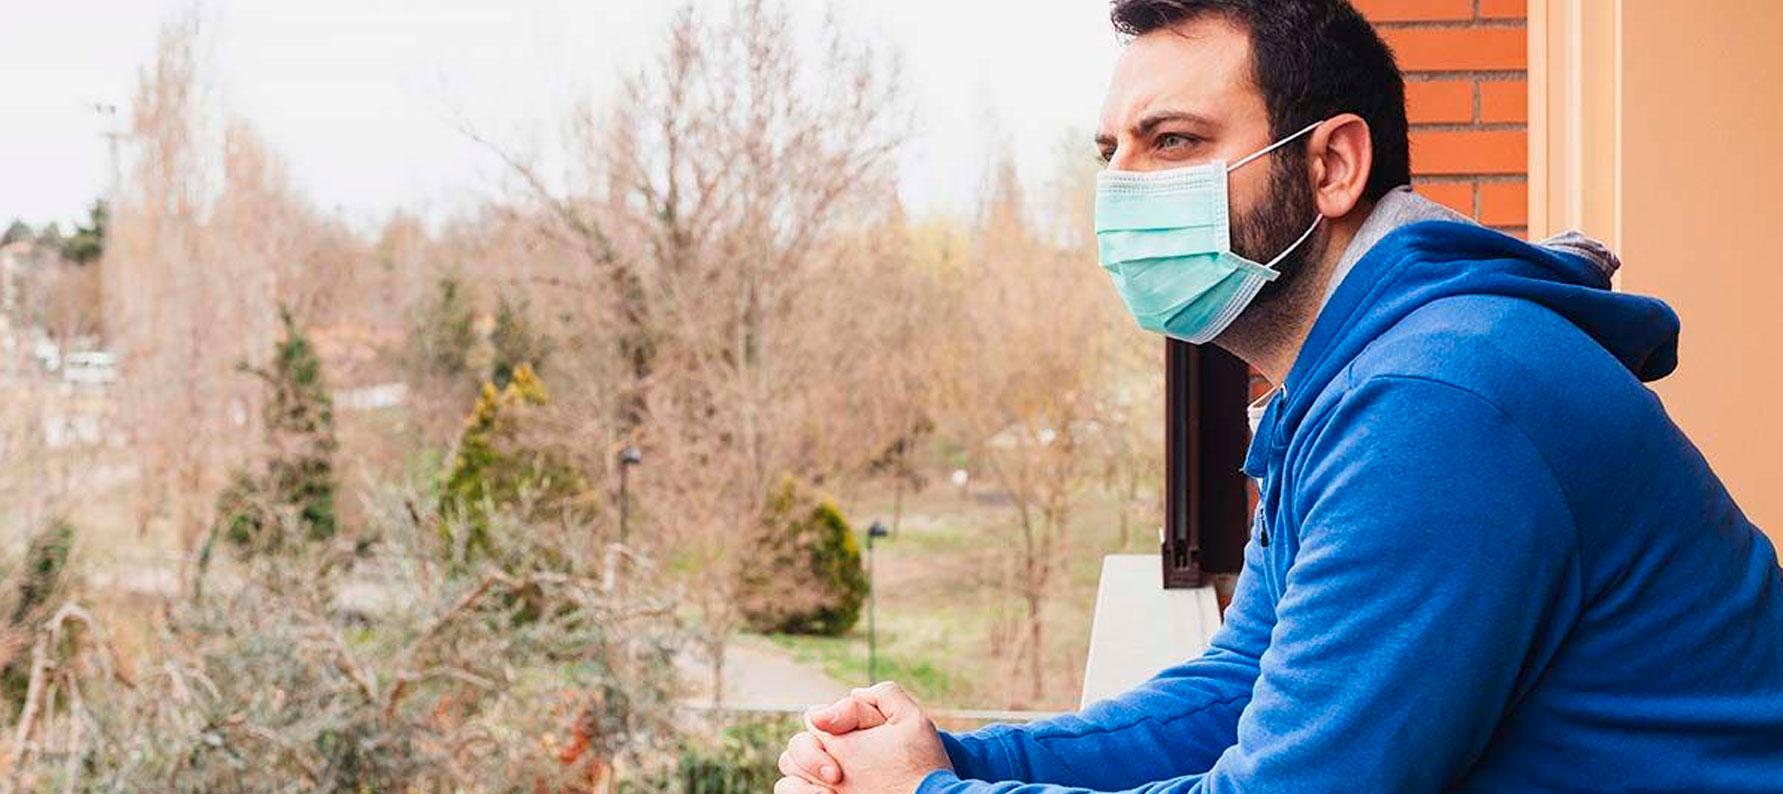 Consulta ciudadana: ¿Cómo vivimos la pandemia?